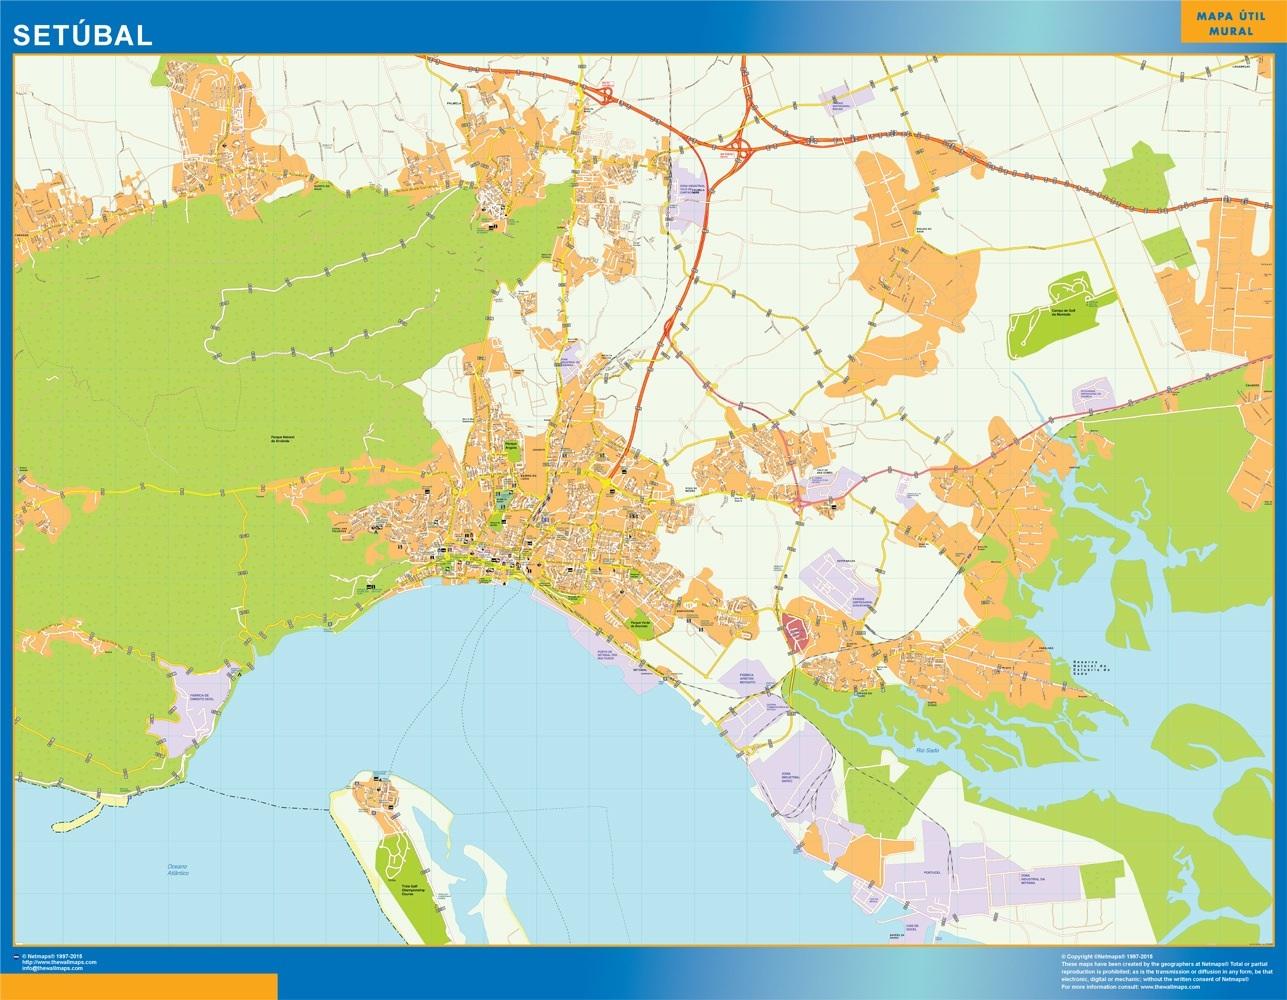 Mapa Setubal en Portugal plastificado gigante